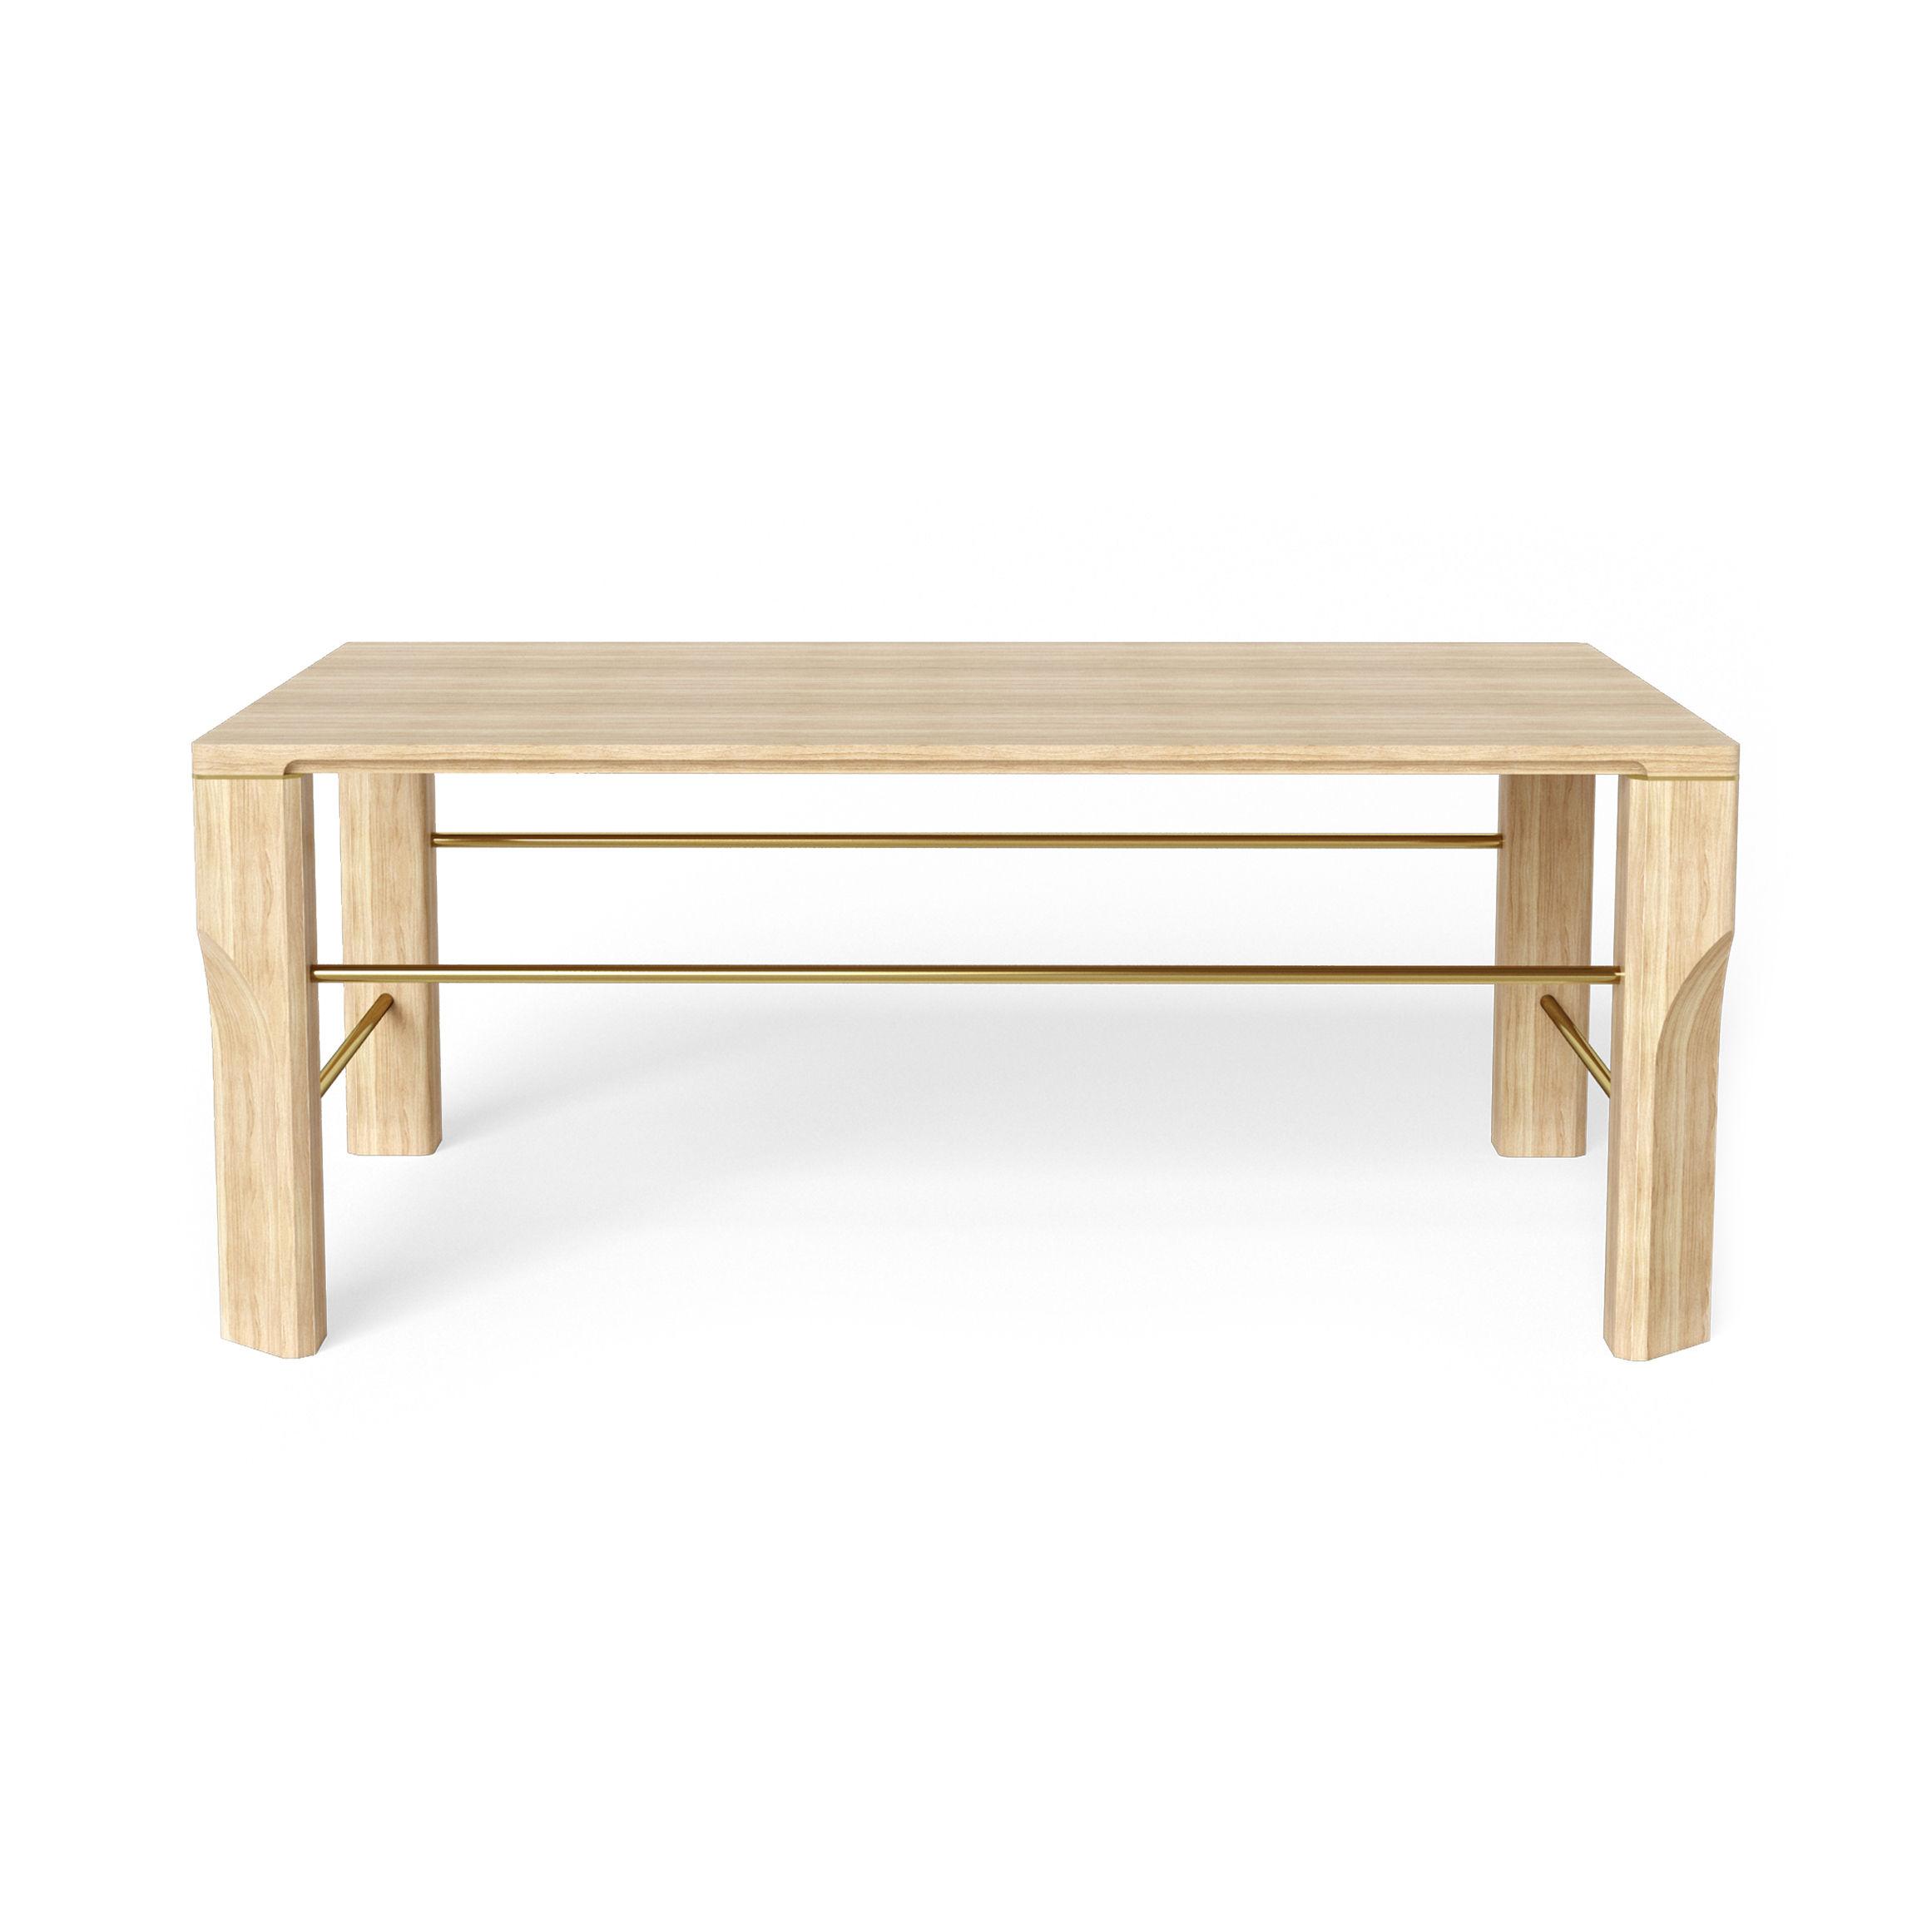 Möbel - Couchtische - Joséphine Couchtisch / Eiche - 100 x 70 cm - Hartô - Eiche natur - massive Eiche, Metall